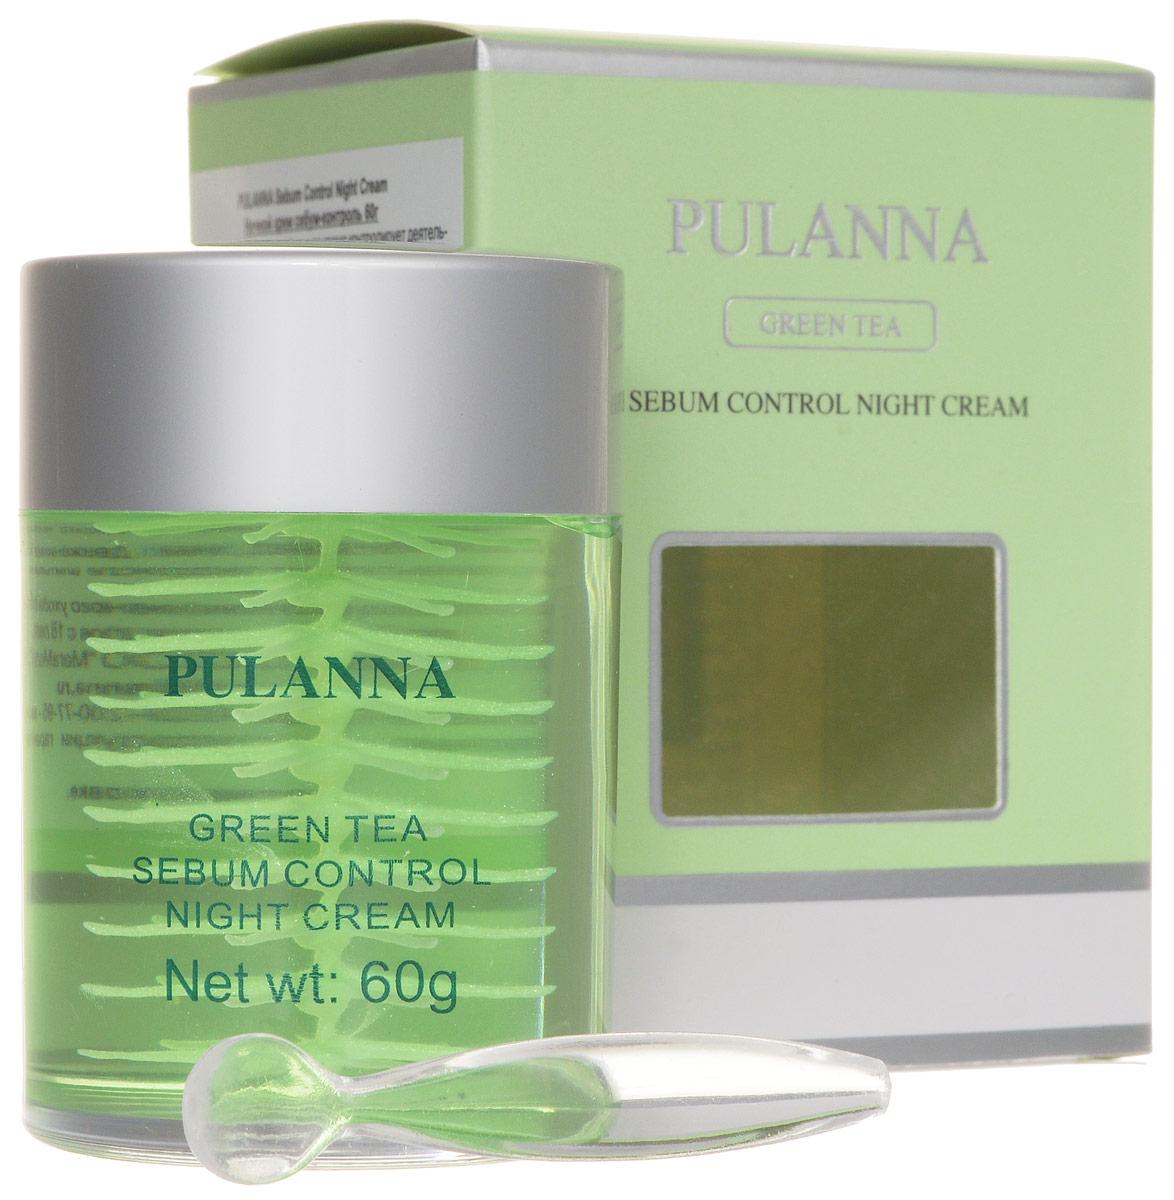 Pulanna Ночной крем себум-контроль на основе зеленого чая-Sebum Control Night Cream 60 г